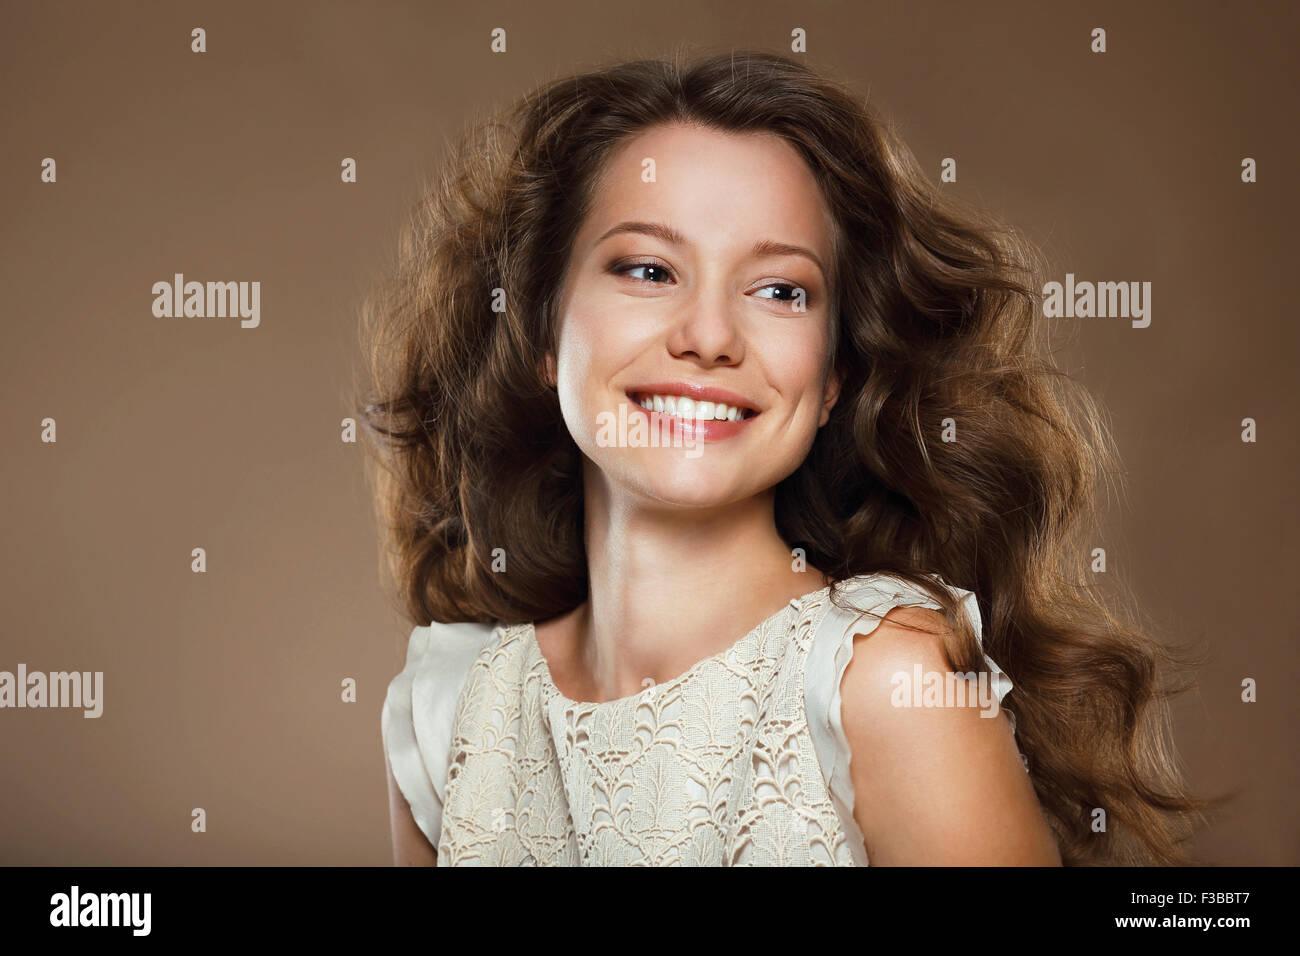 Toothy Lächeln. Porträt von glücklich schöne Brünette Stockbild